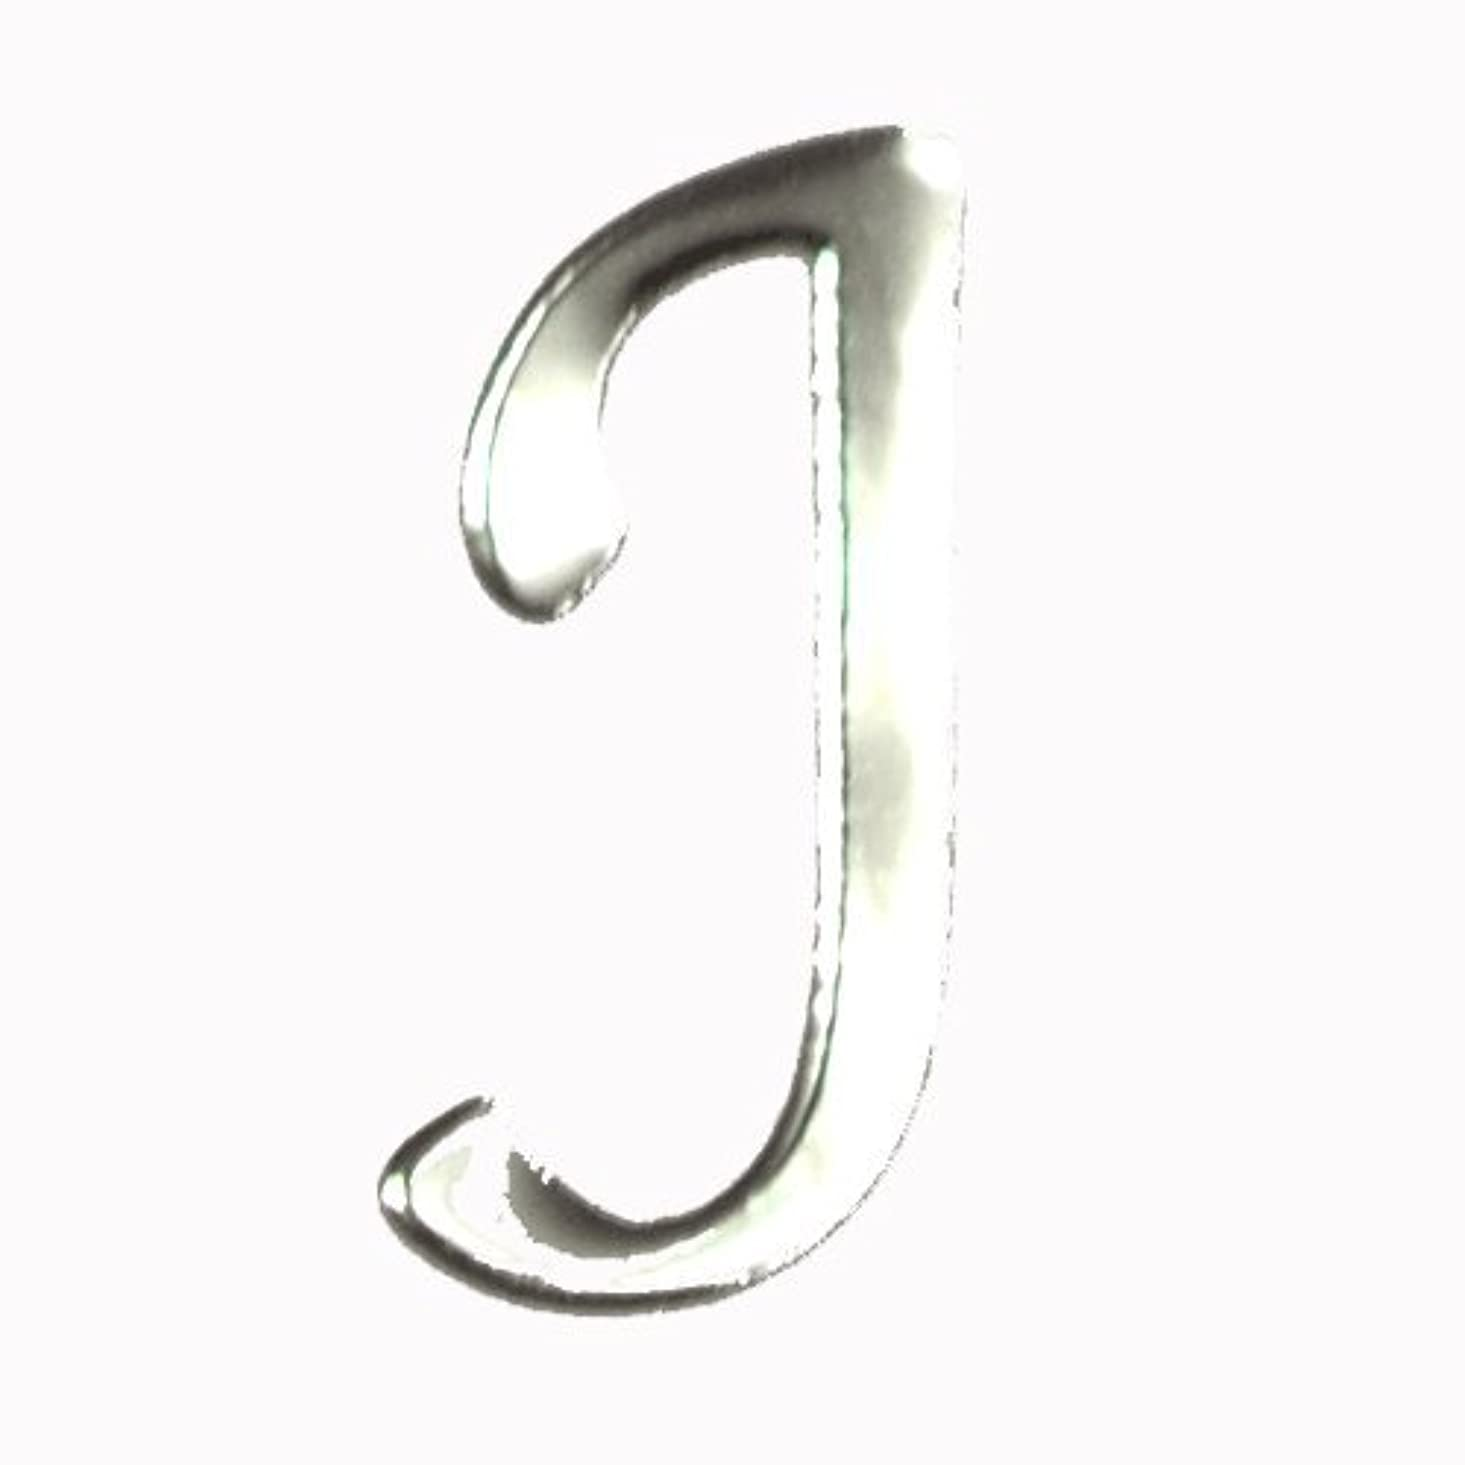 コジオスコ保険をかけるタイトアルファベット 薄型メタルパーツ 20枚 /片面仕上げ イニシャルパーツ SILVER (J / 6x5mm)